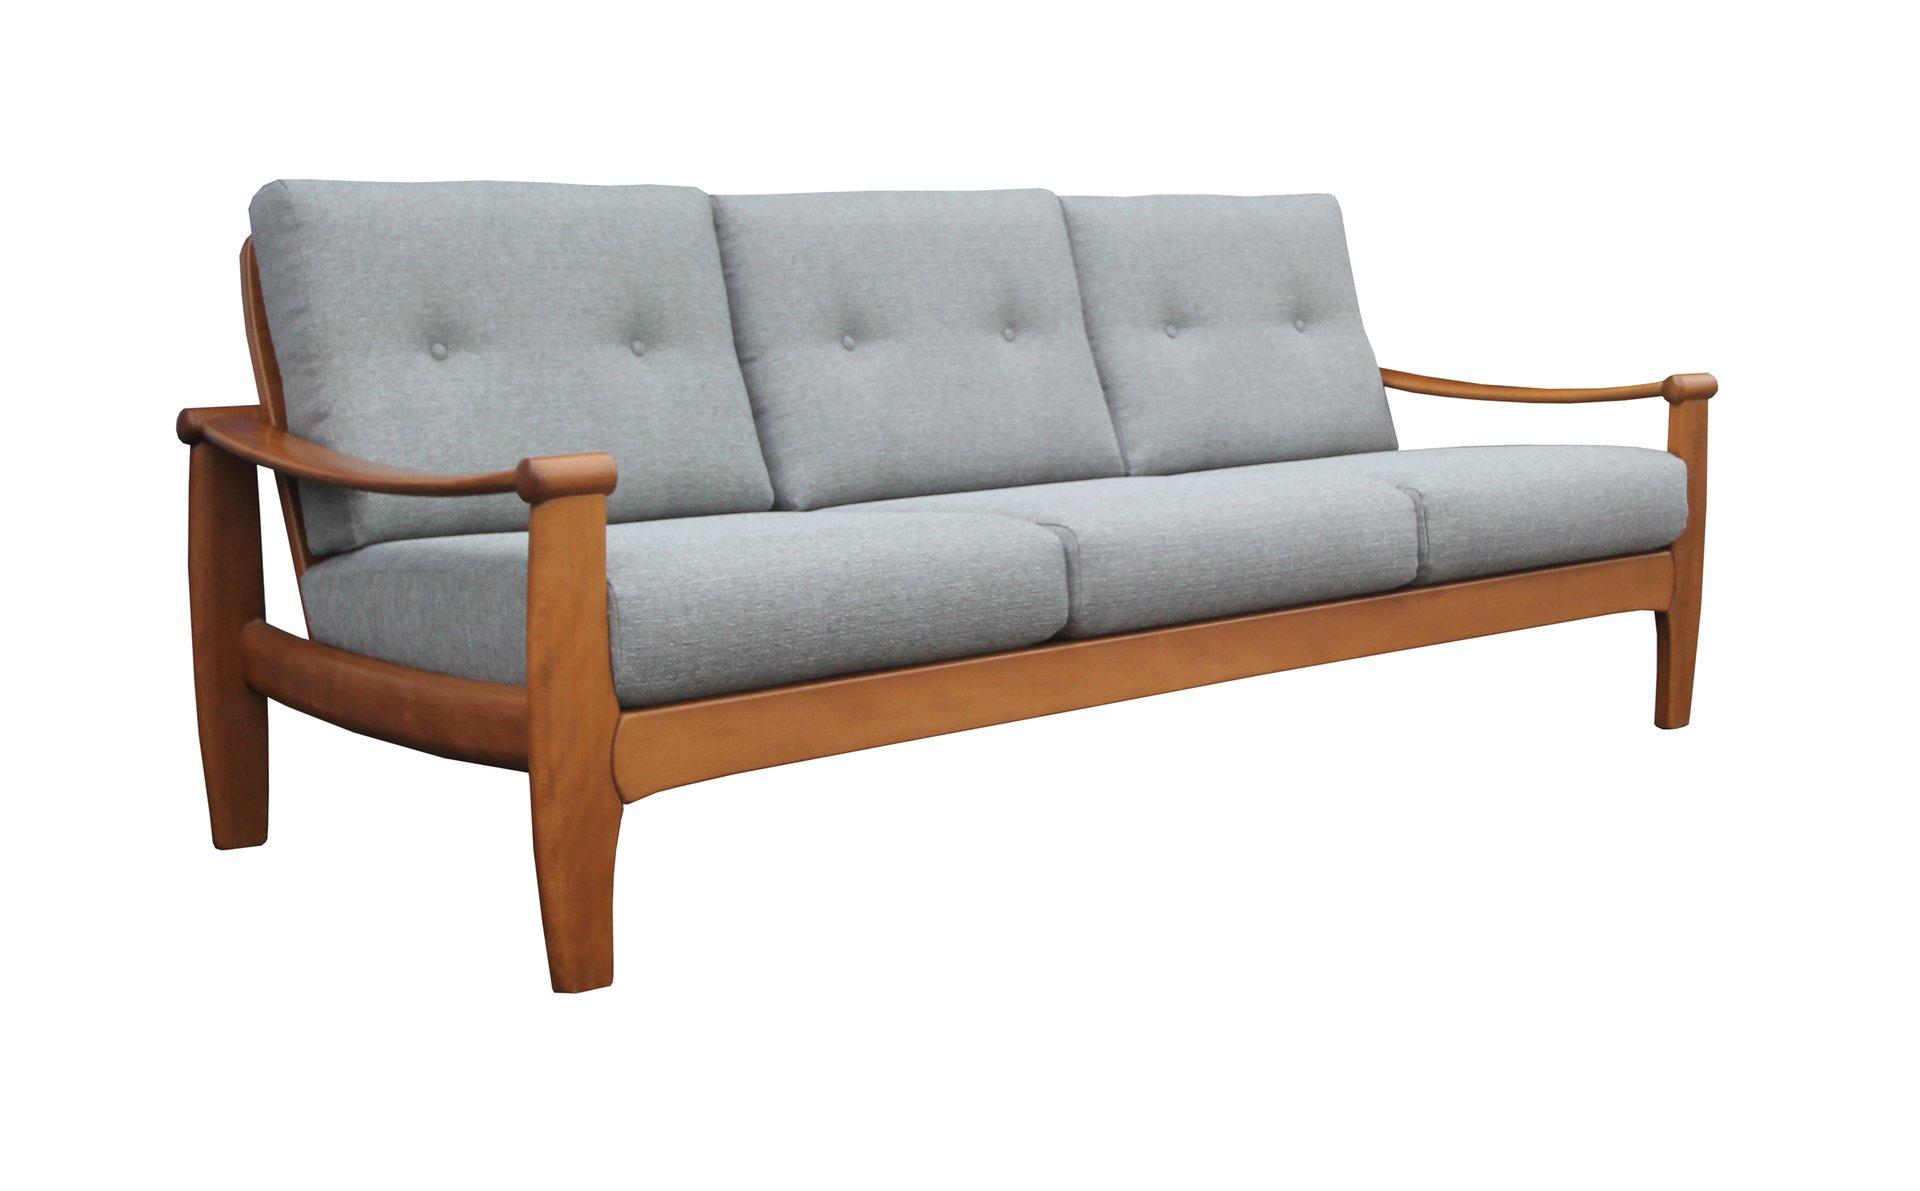 canap 3 places gris clair 1960s en vente sur pamono. Black Bedroom Furniture Sets. Home Design Ideas